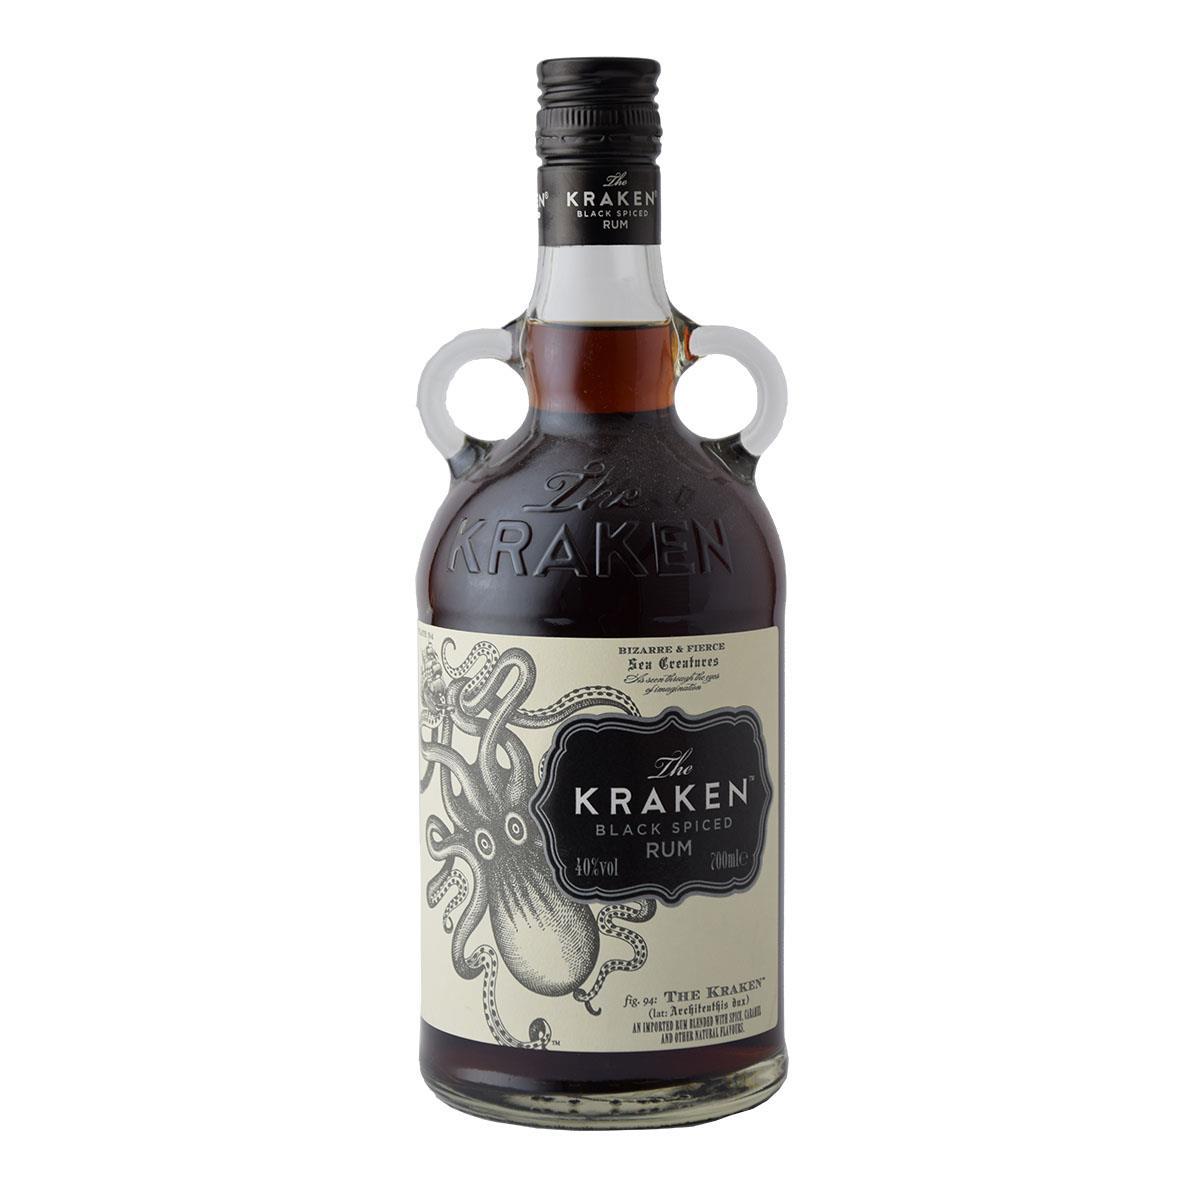 Kraken Black Spiced Rum 700ml